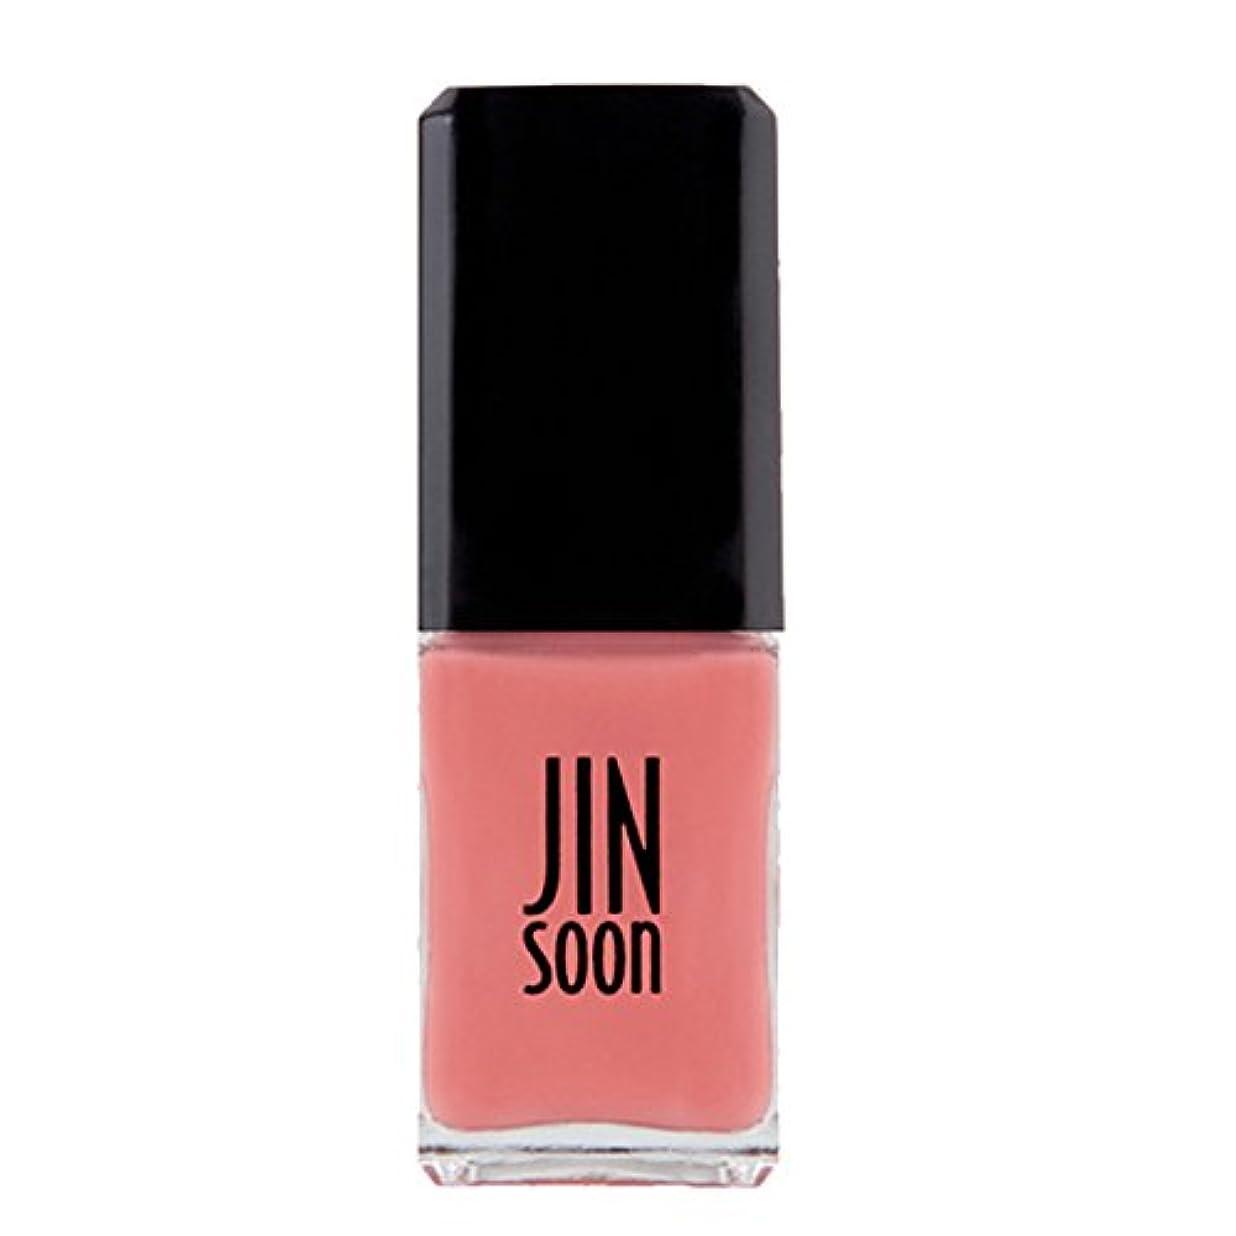 演じる謝罪安全な[ジンスーン] [ jinsoon] ティーローズ(ライト コーラル)TEA ROSE ジンスーン 5フリー ネイルポリッシュ ピンク 11mL